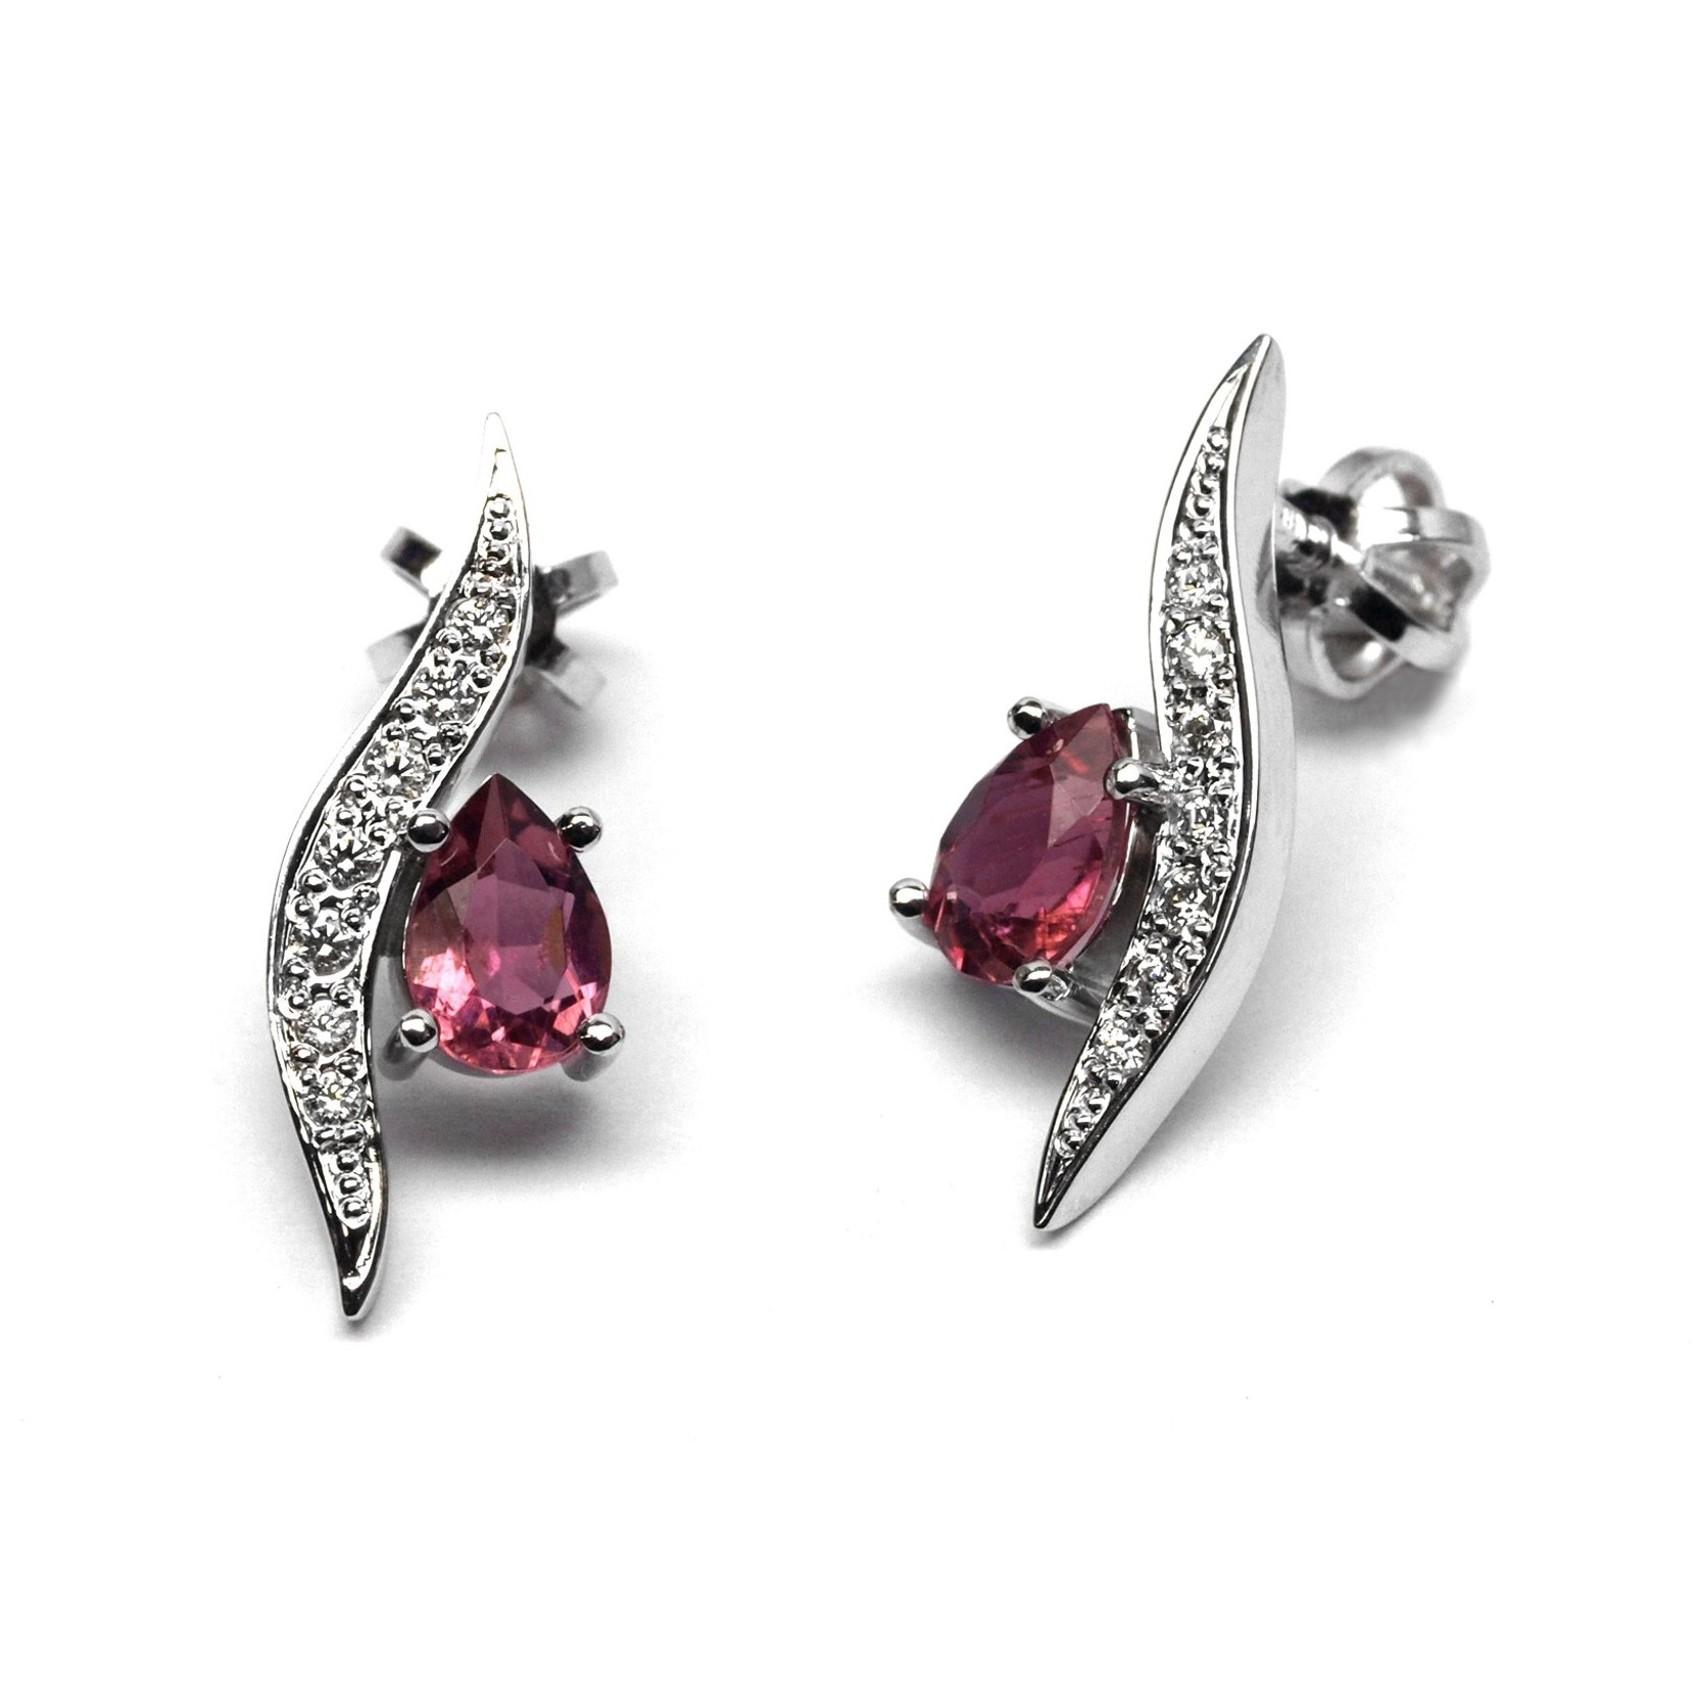 Luxusní náušnice s růžovými turmalíny a diamanty J-28155-17 na šroubek